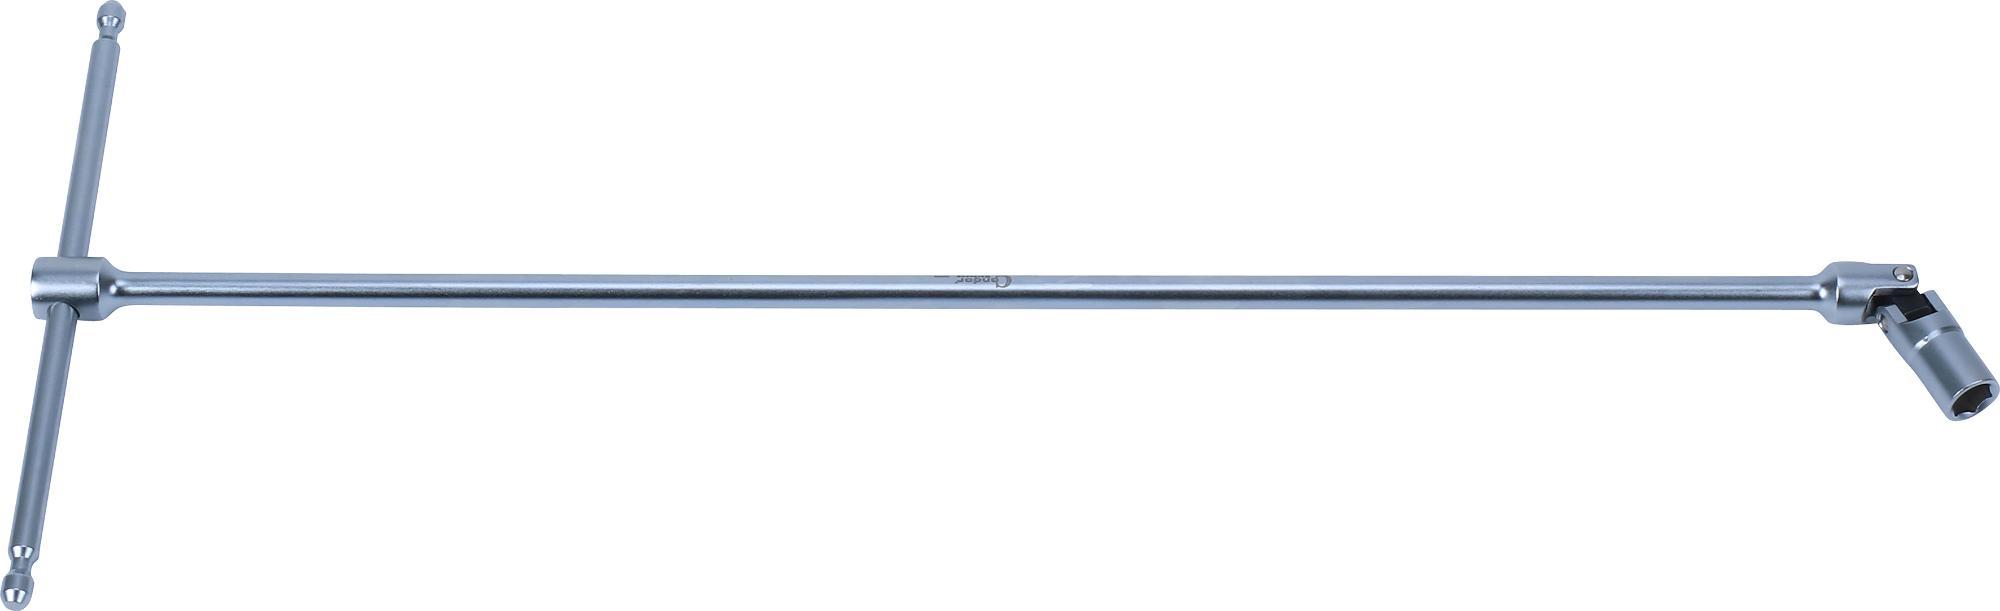 """Kľúč """"T"""" s kĺbom, 395 mm, 6-hran 8 mm"""